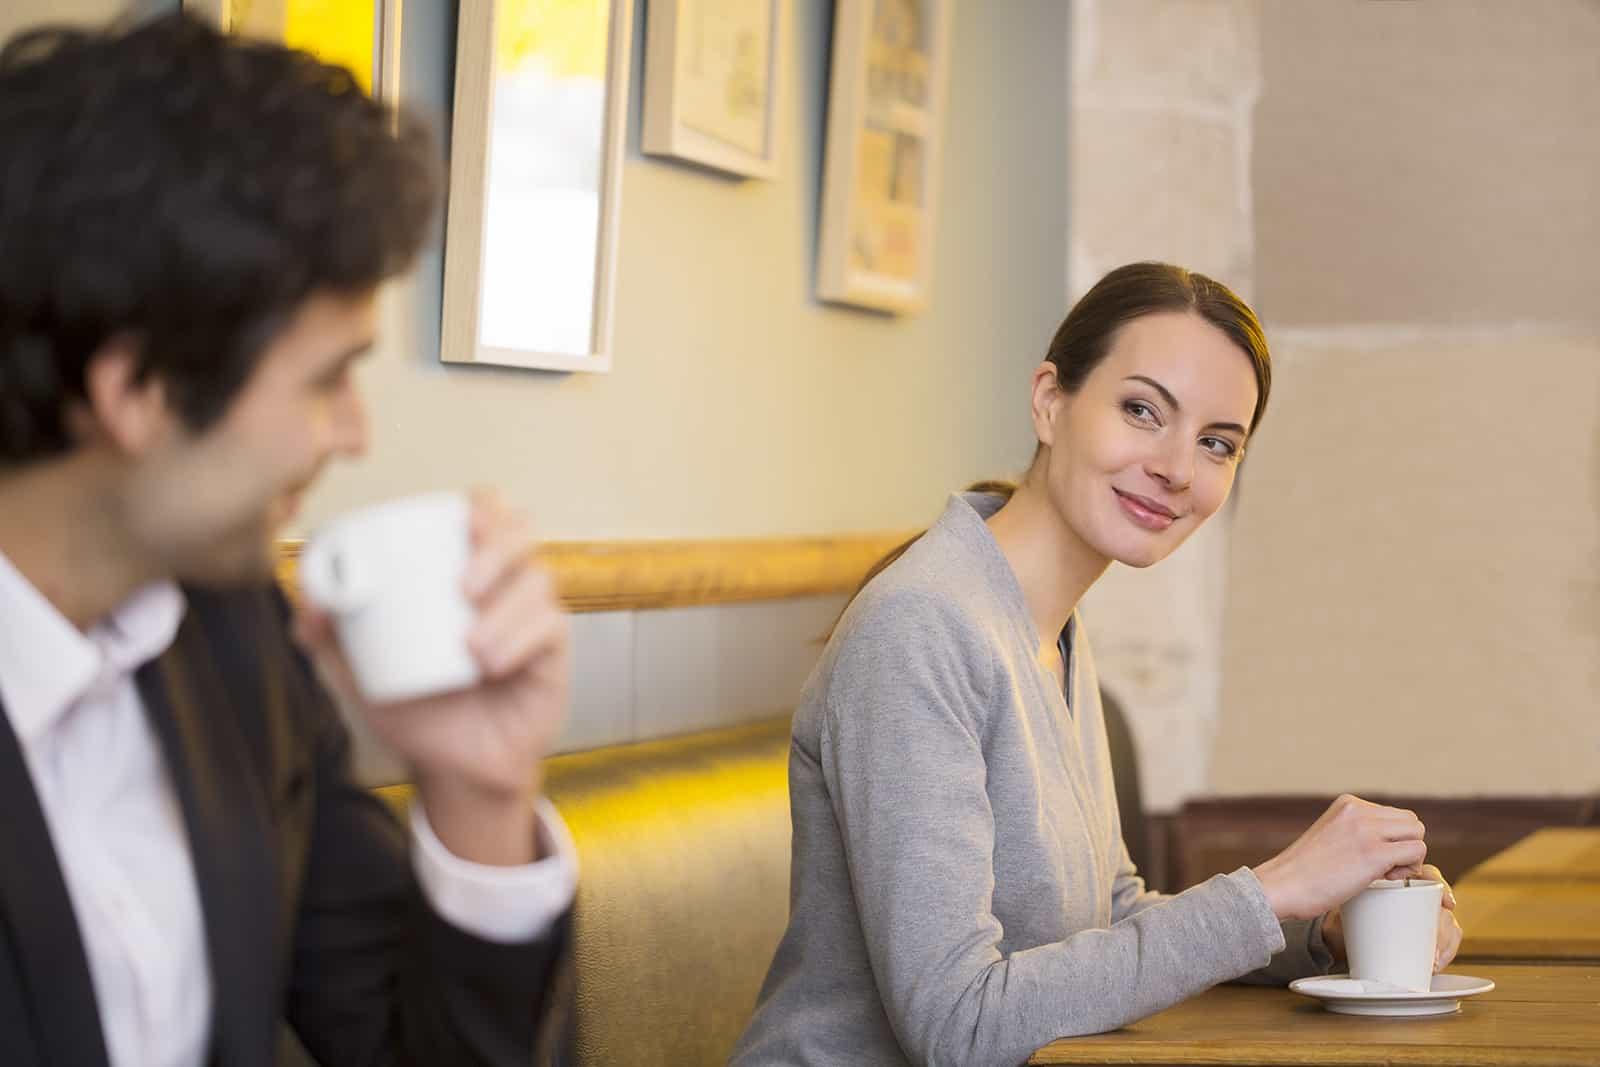 Eine Frau und ein Mann schauen sich in die Augen und flirten in einem Café